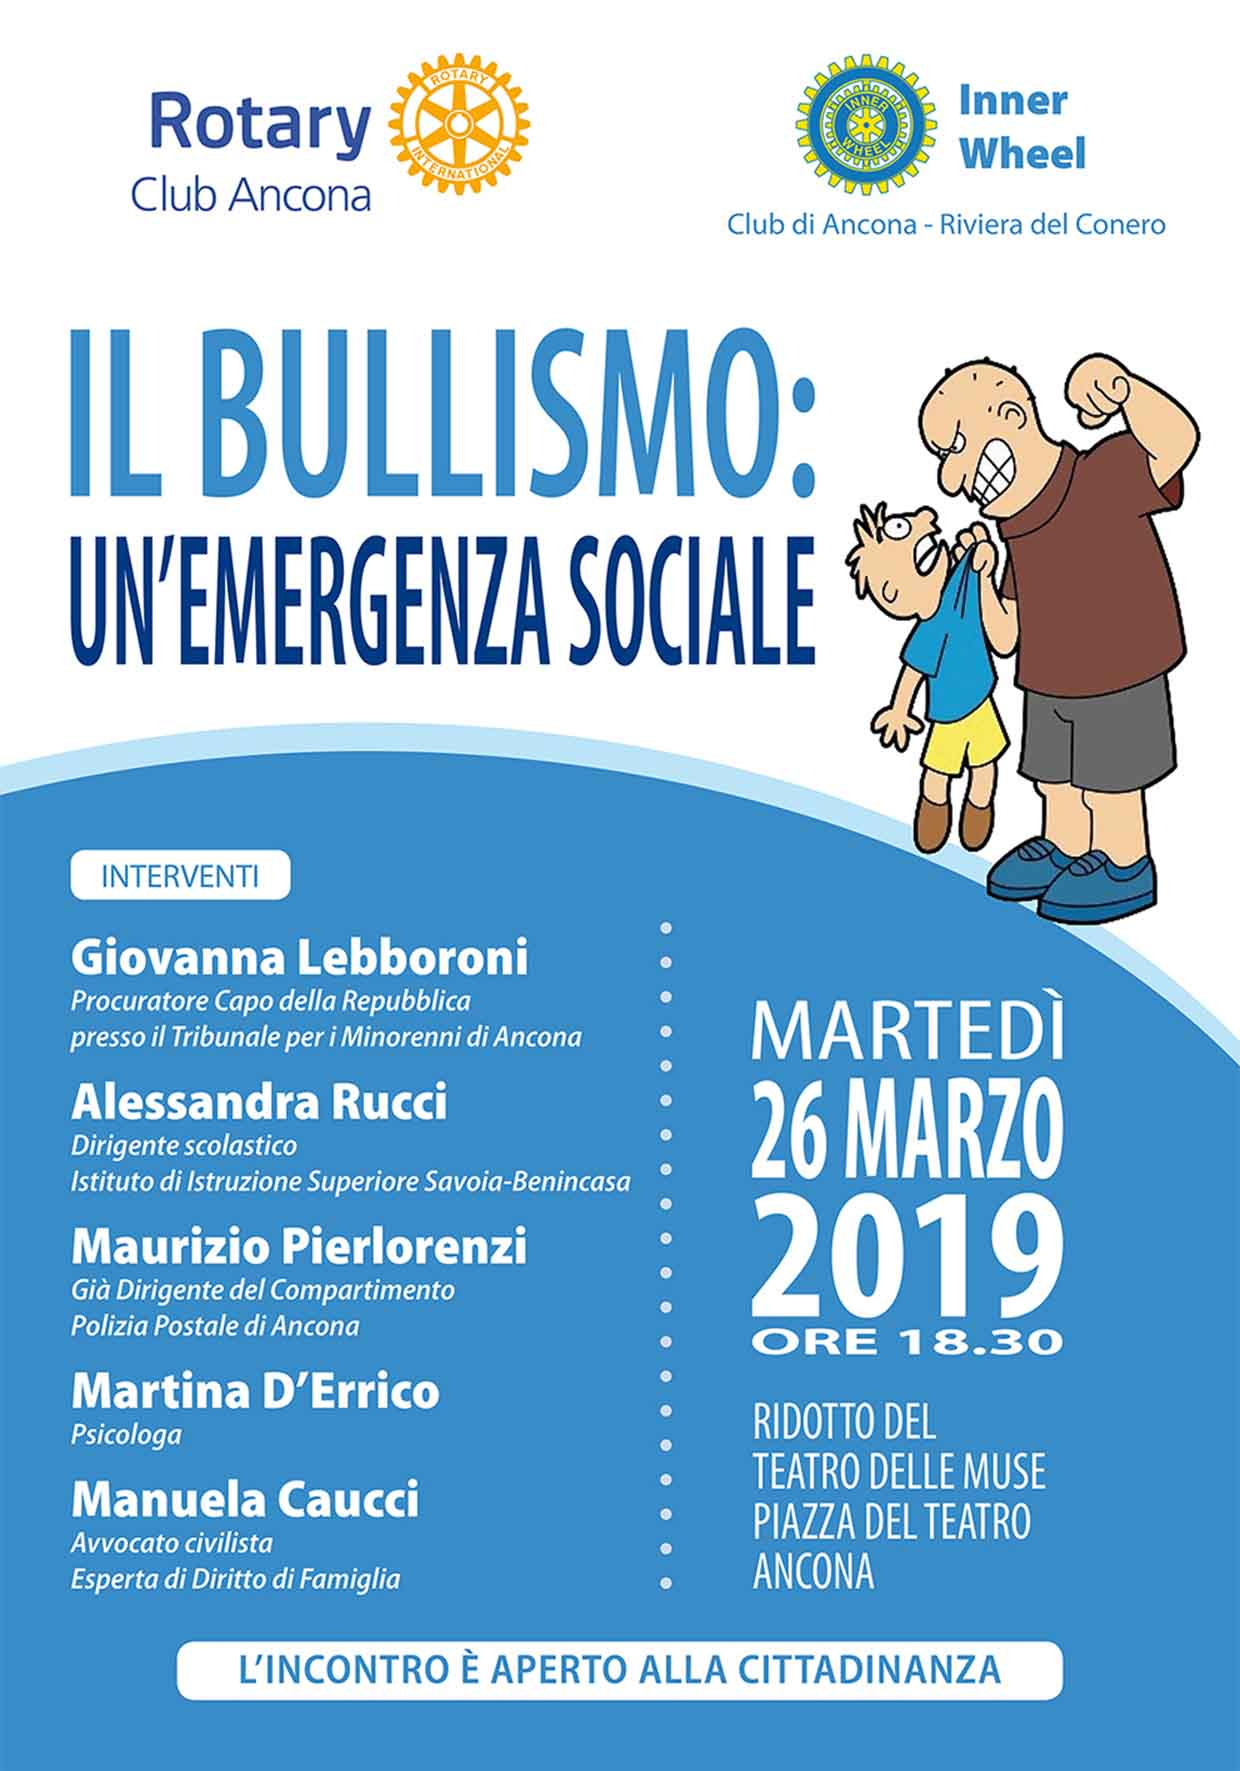 Calendario Luglio 2007.Calendario Luglio 2019 Rotary Club Ancona Distretto 2090